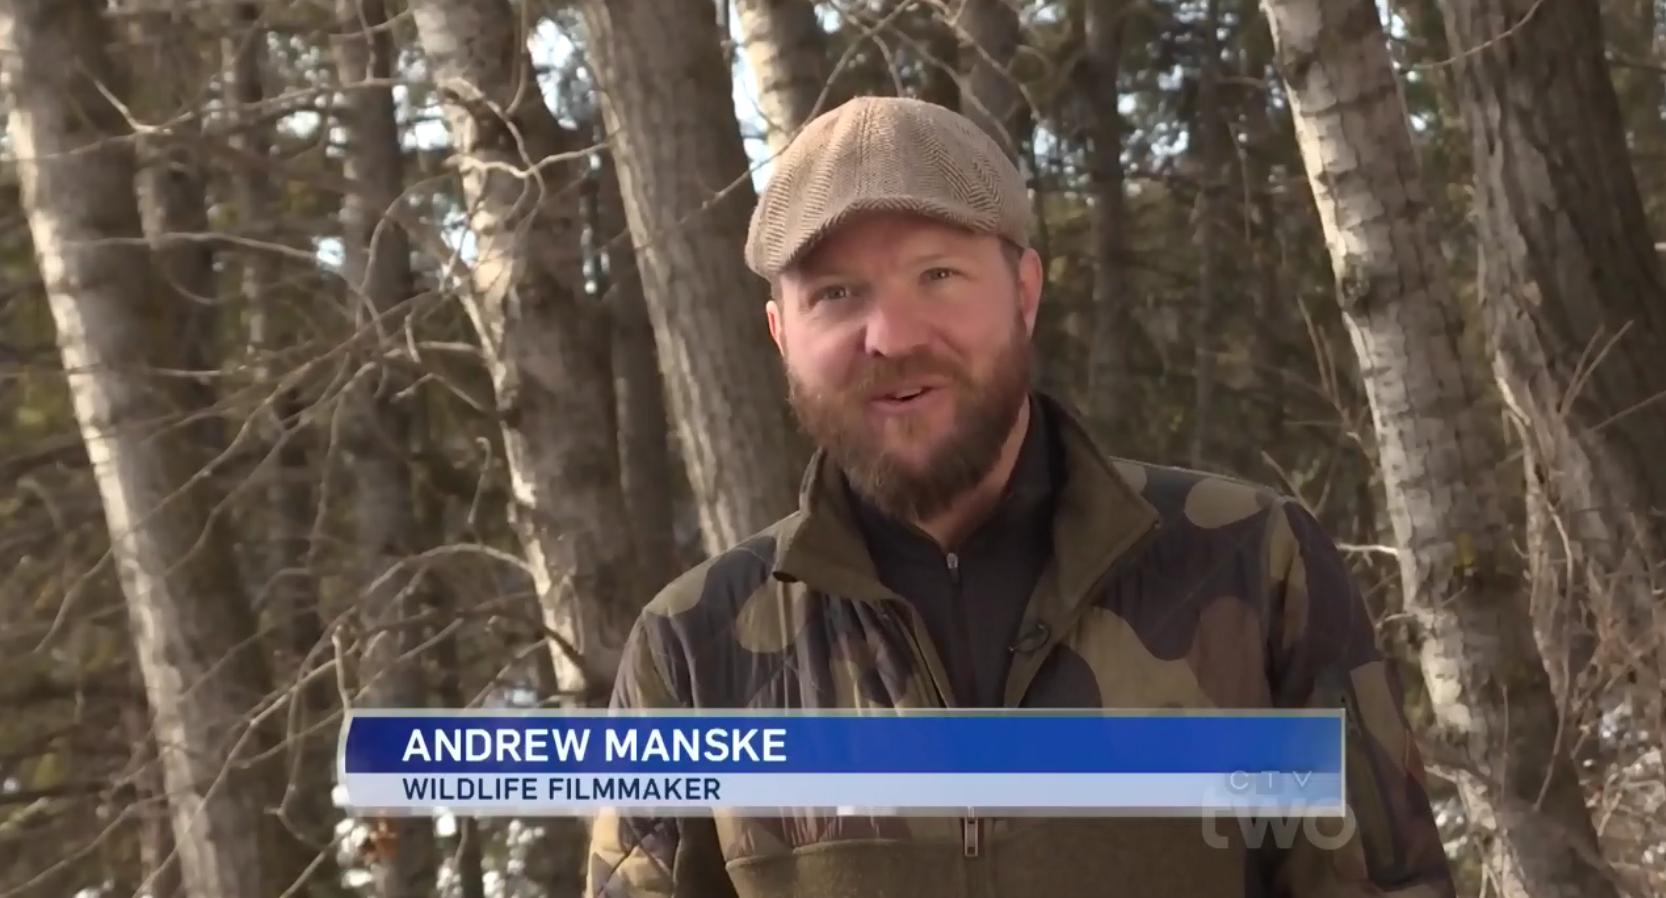 Manske on CTV - Alberta Primetime